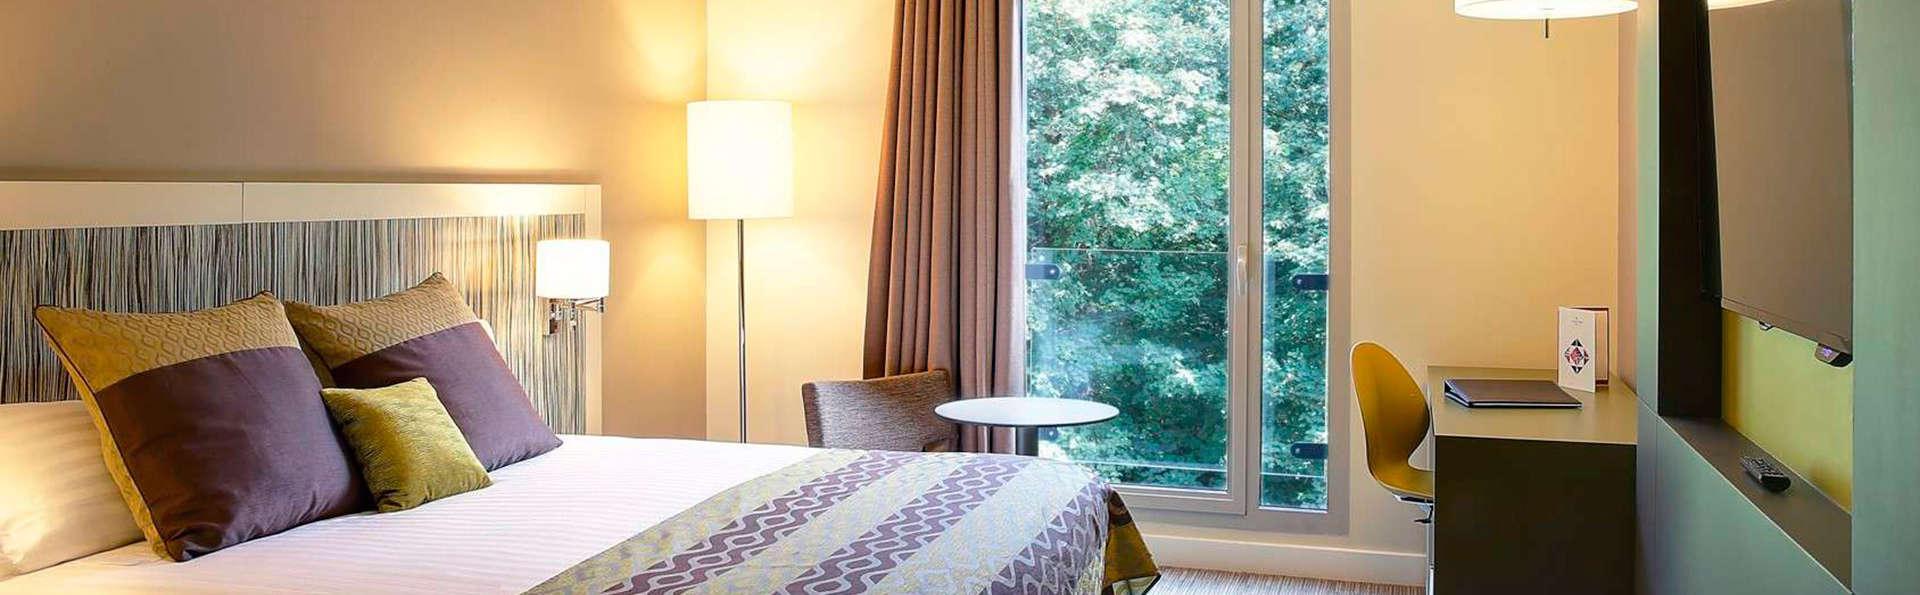 Week-end détente en chambre confort vue forêt aux portes de Paris